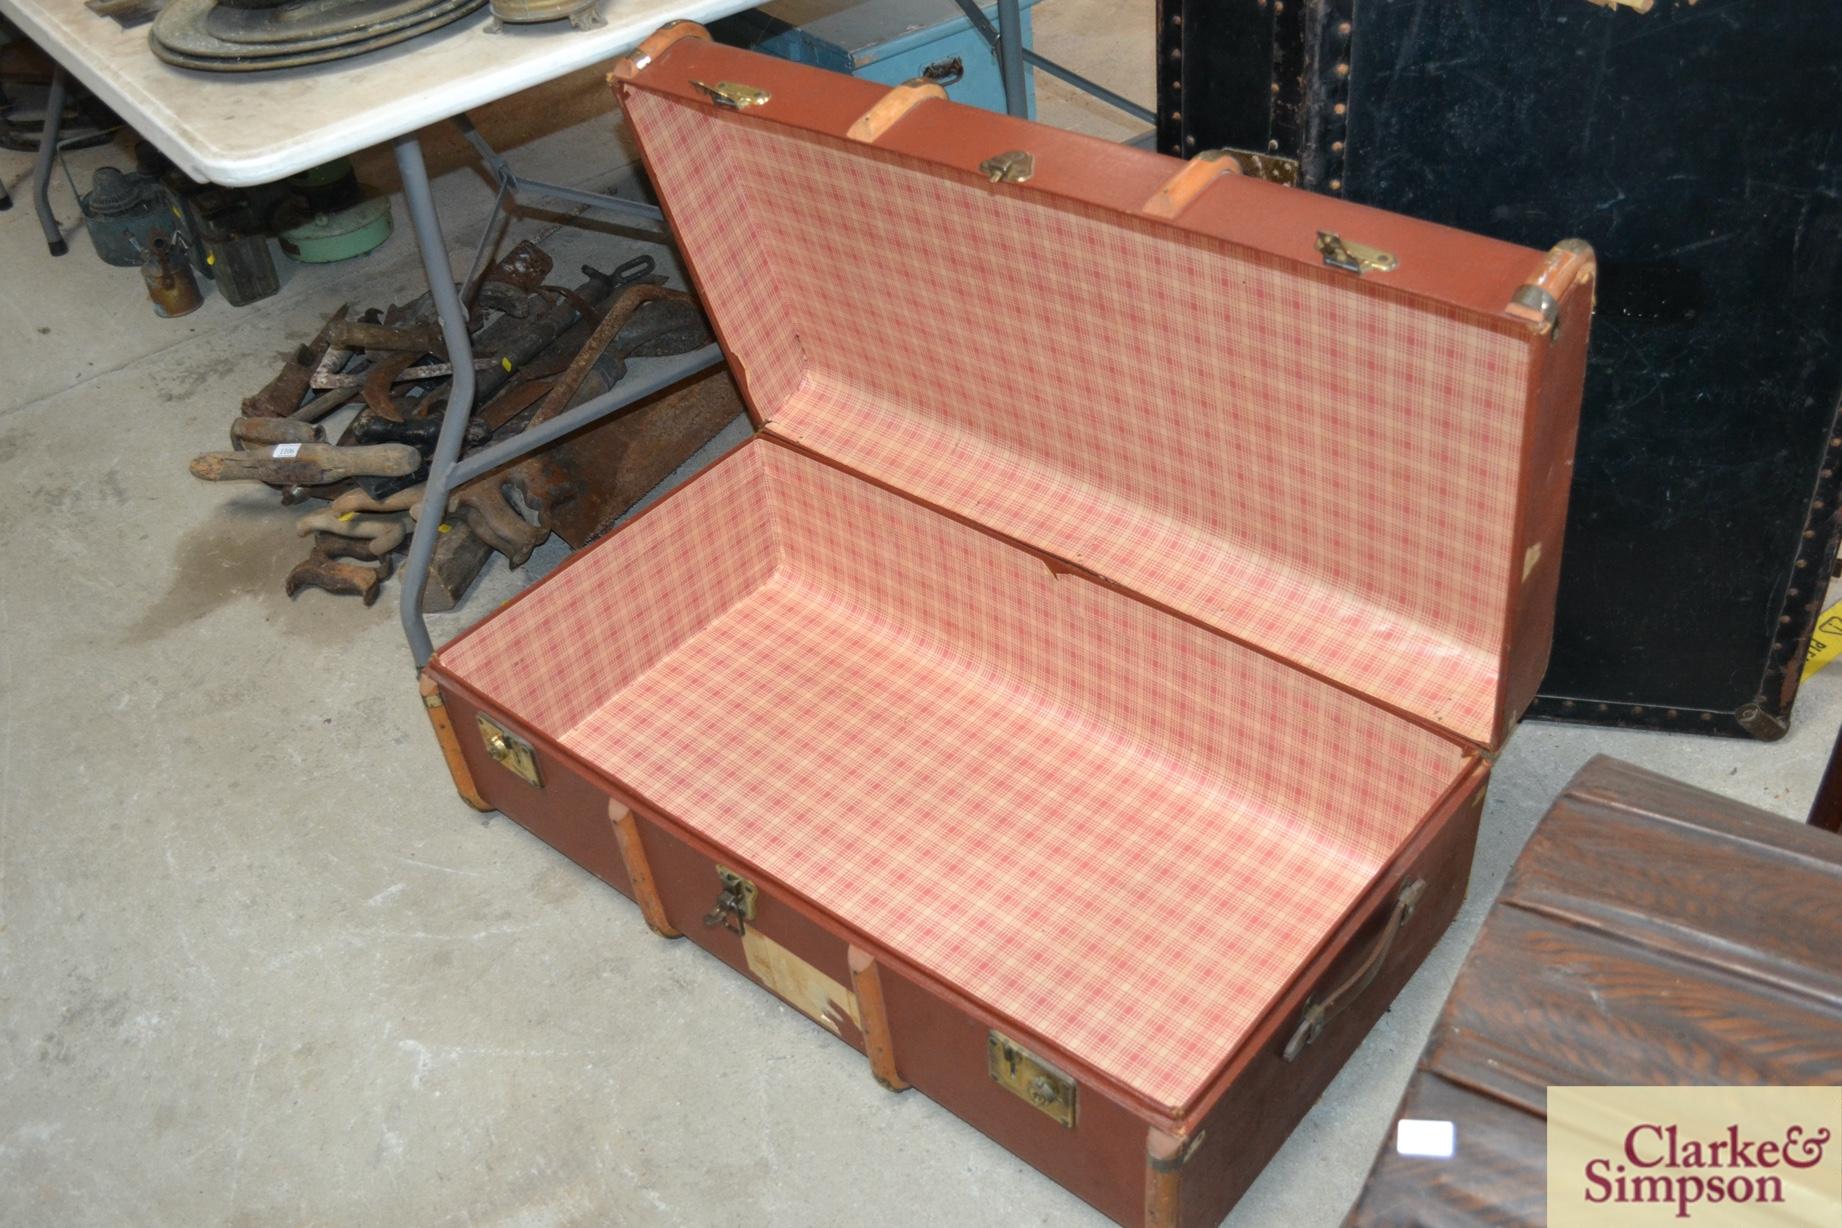 A wooden bound steamer trunk